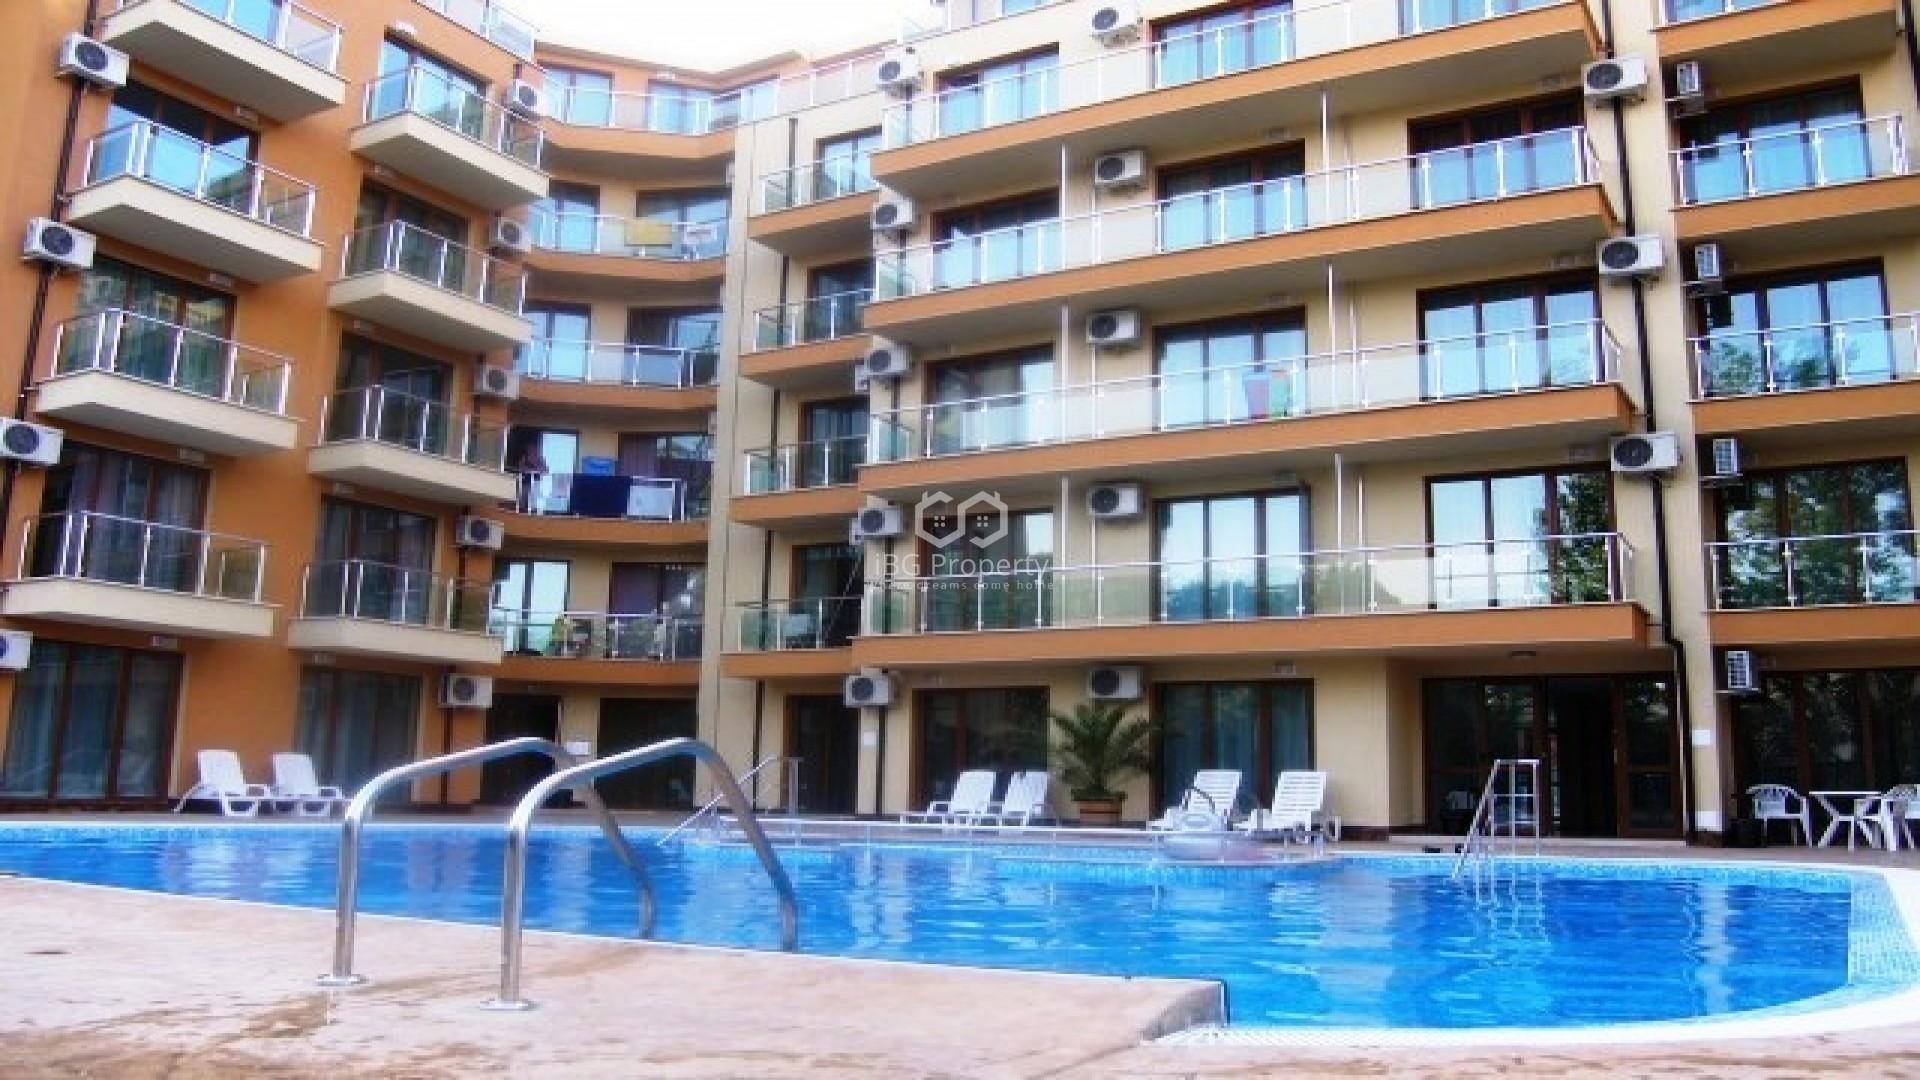 Однокомнатная квартира Слънчев Бряг 36,5 m2